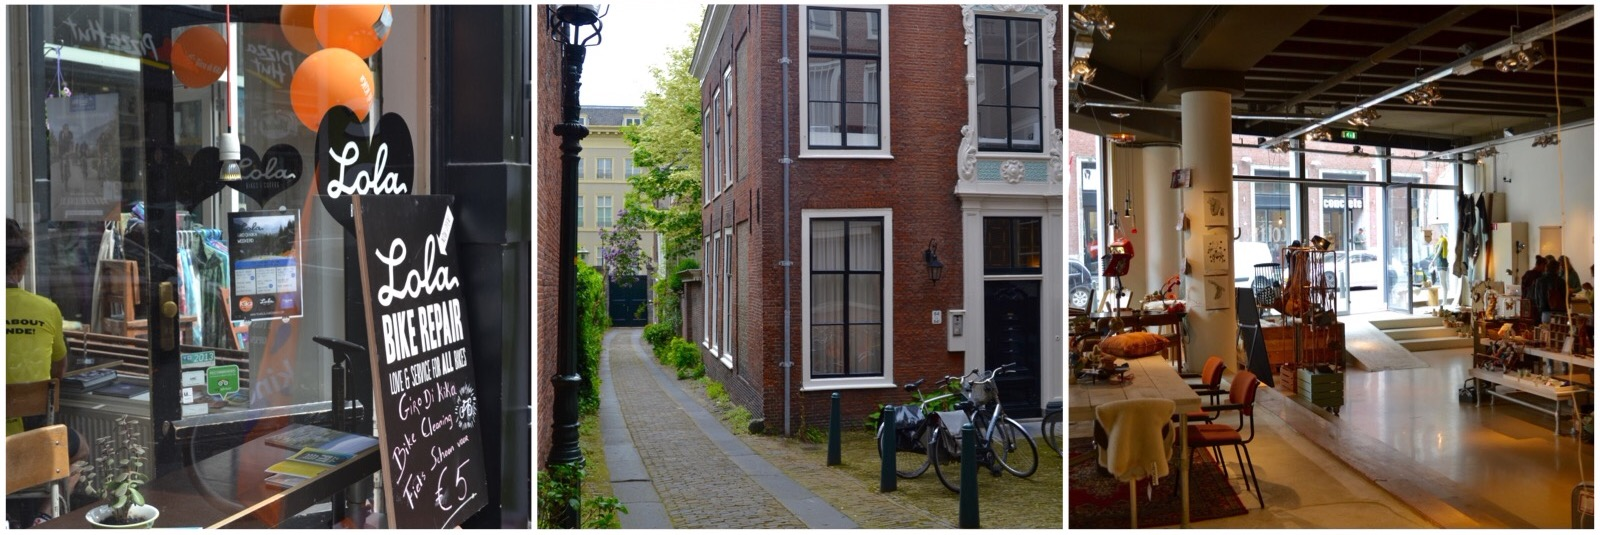 Den Haag City Guide